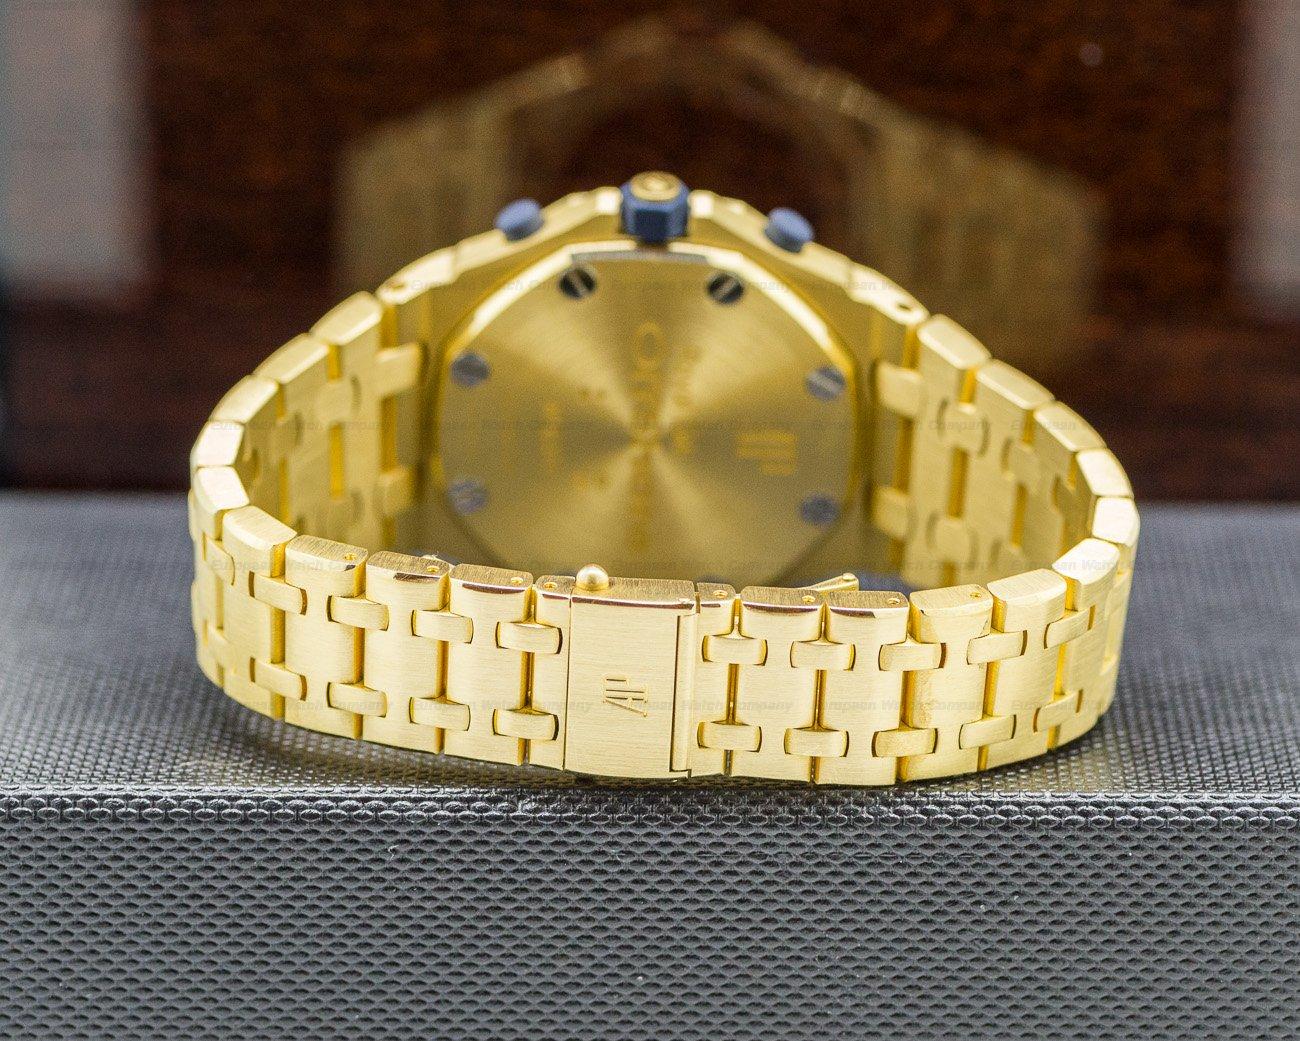 Audemars Piguet 25721BA.00.1000BA.02 Royal Oak Offshore Blue Dial 18K Yellow Gold